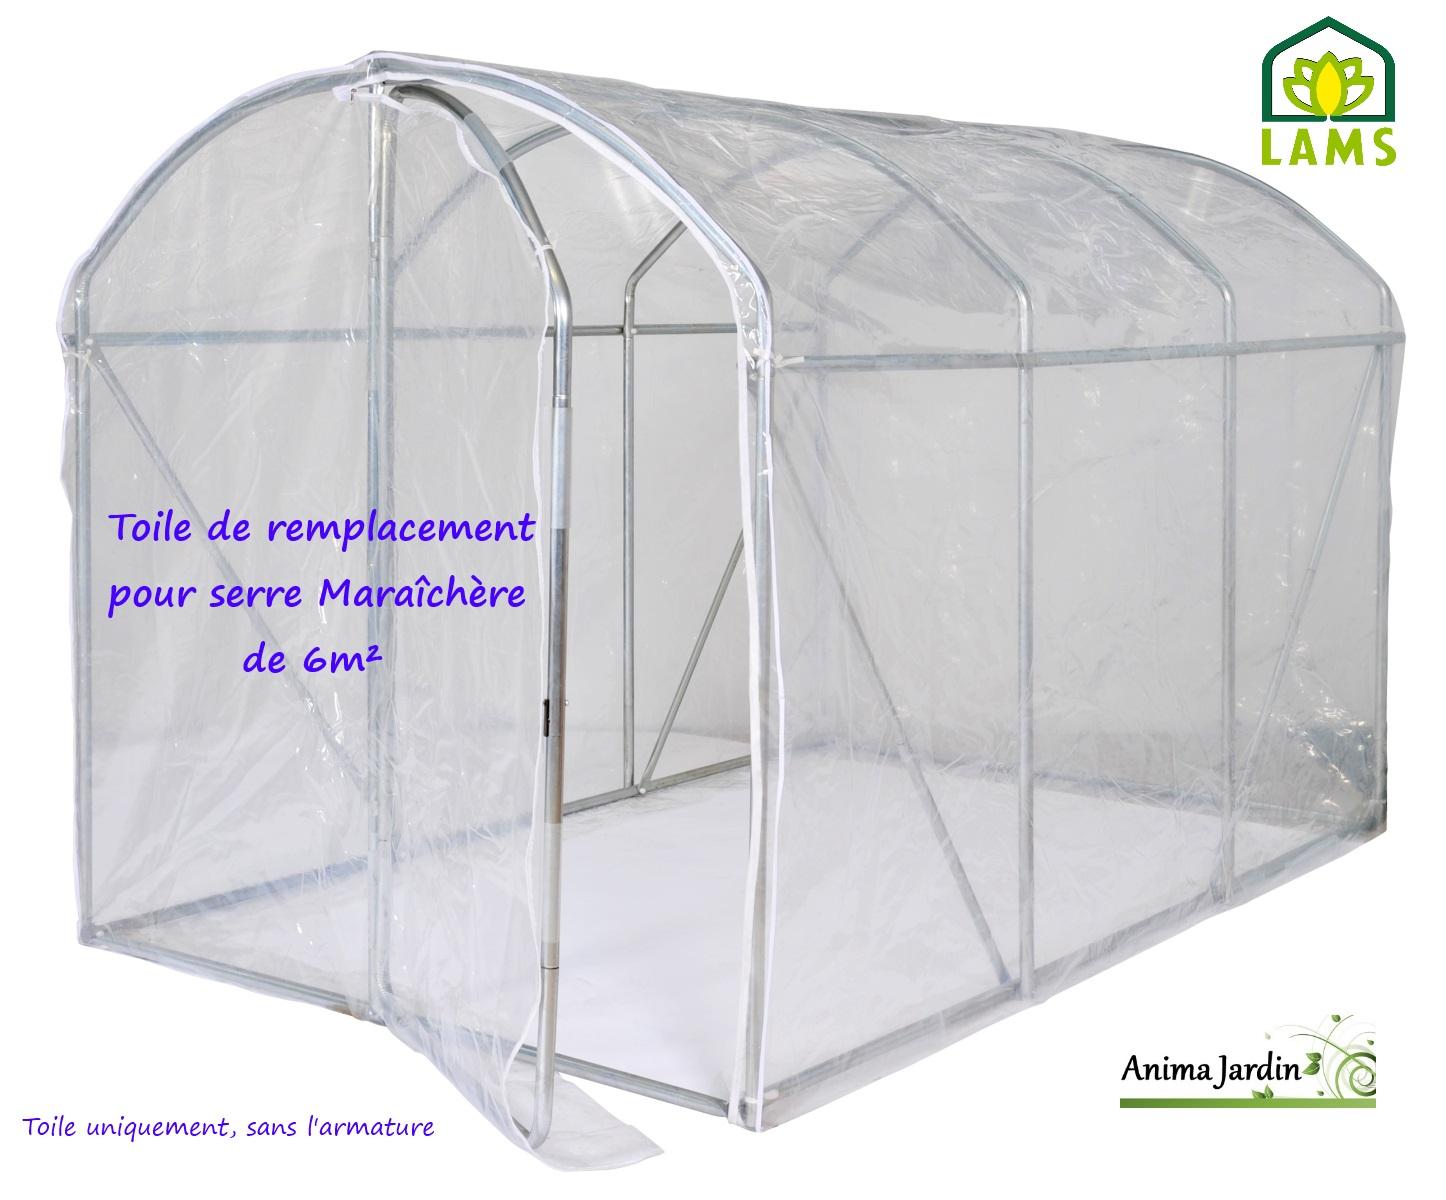 Toile De Remplacement Serre Maraîchère 6M², Lams, Bâche concernant Serre De Jardin 6M2